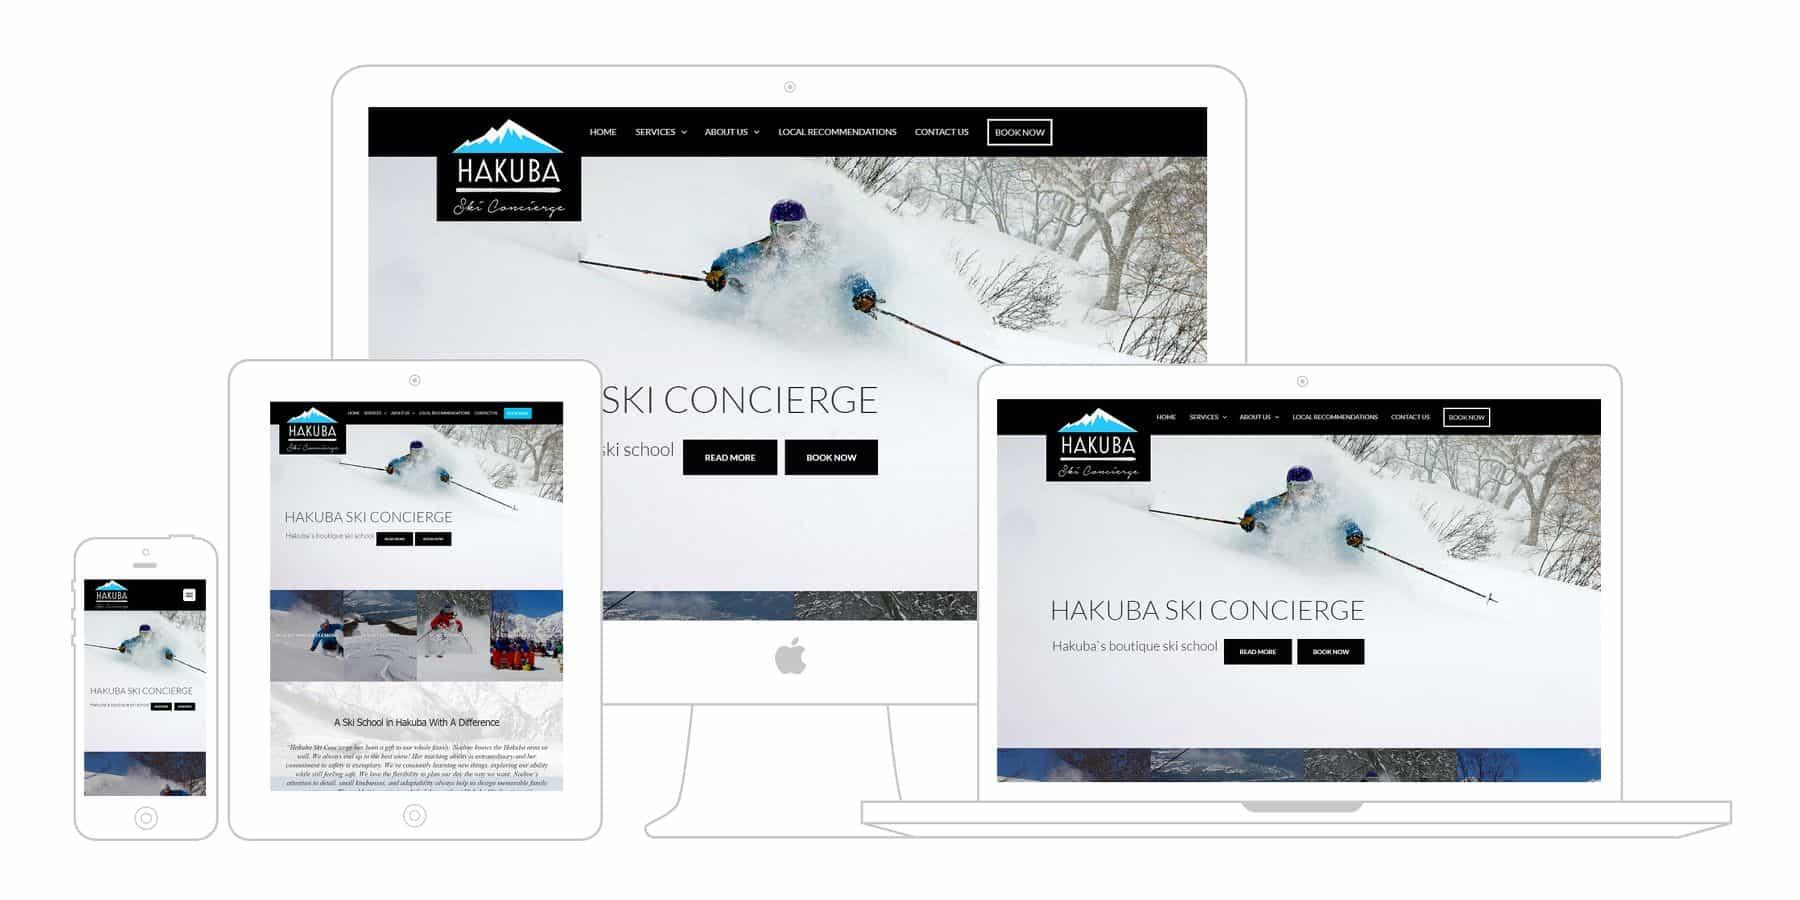 hakuba ski concierge website displayed on multiple screens